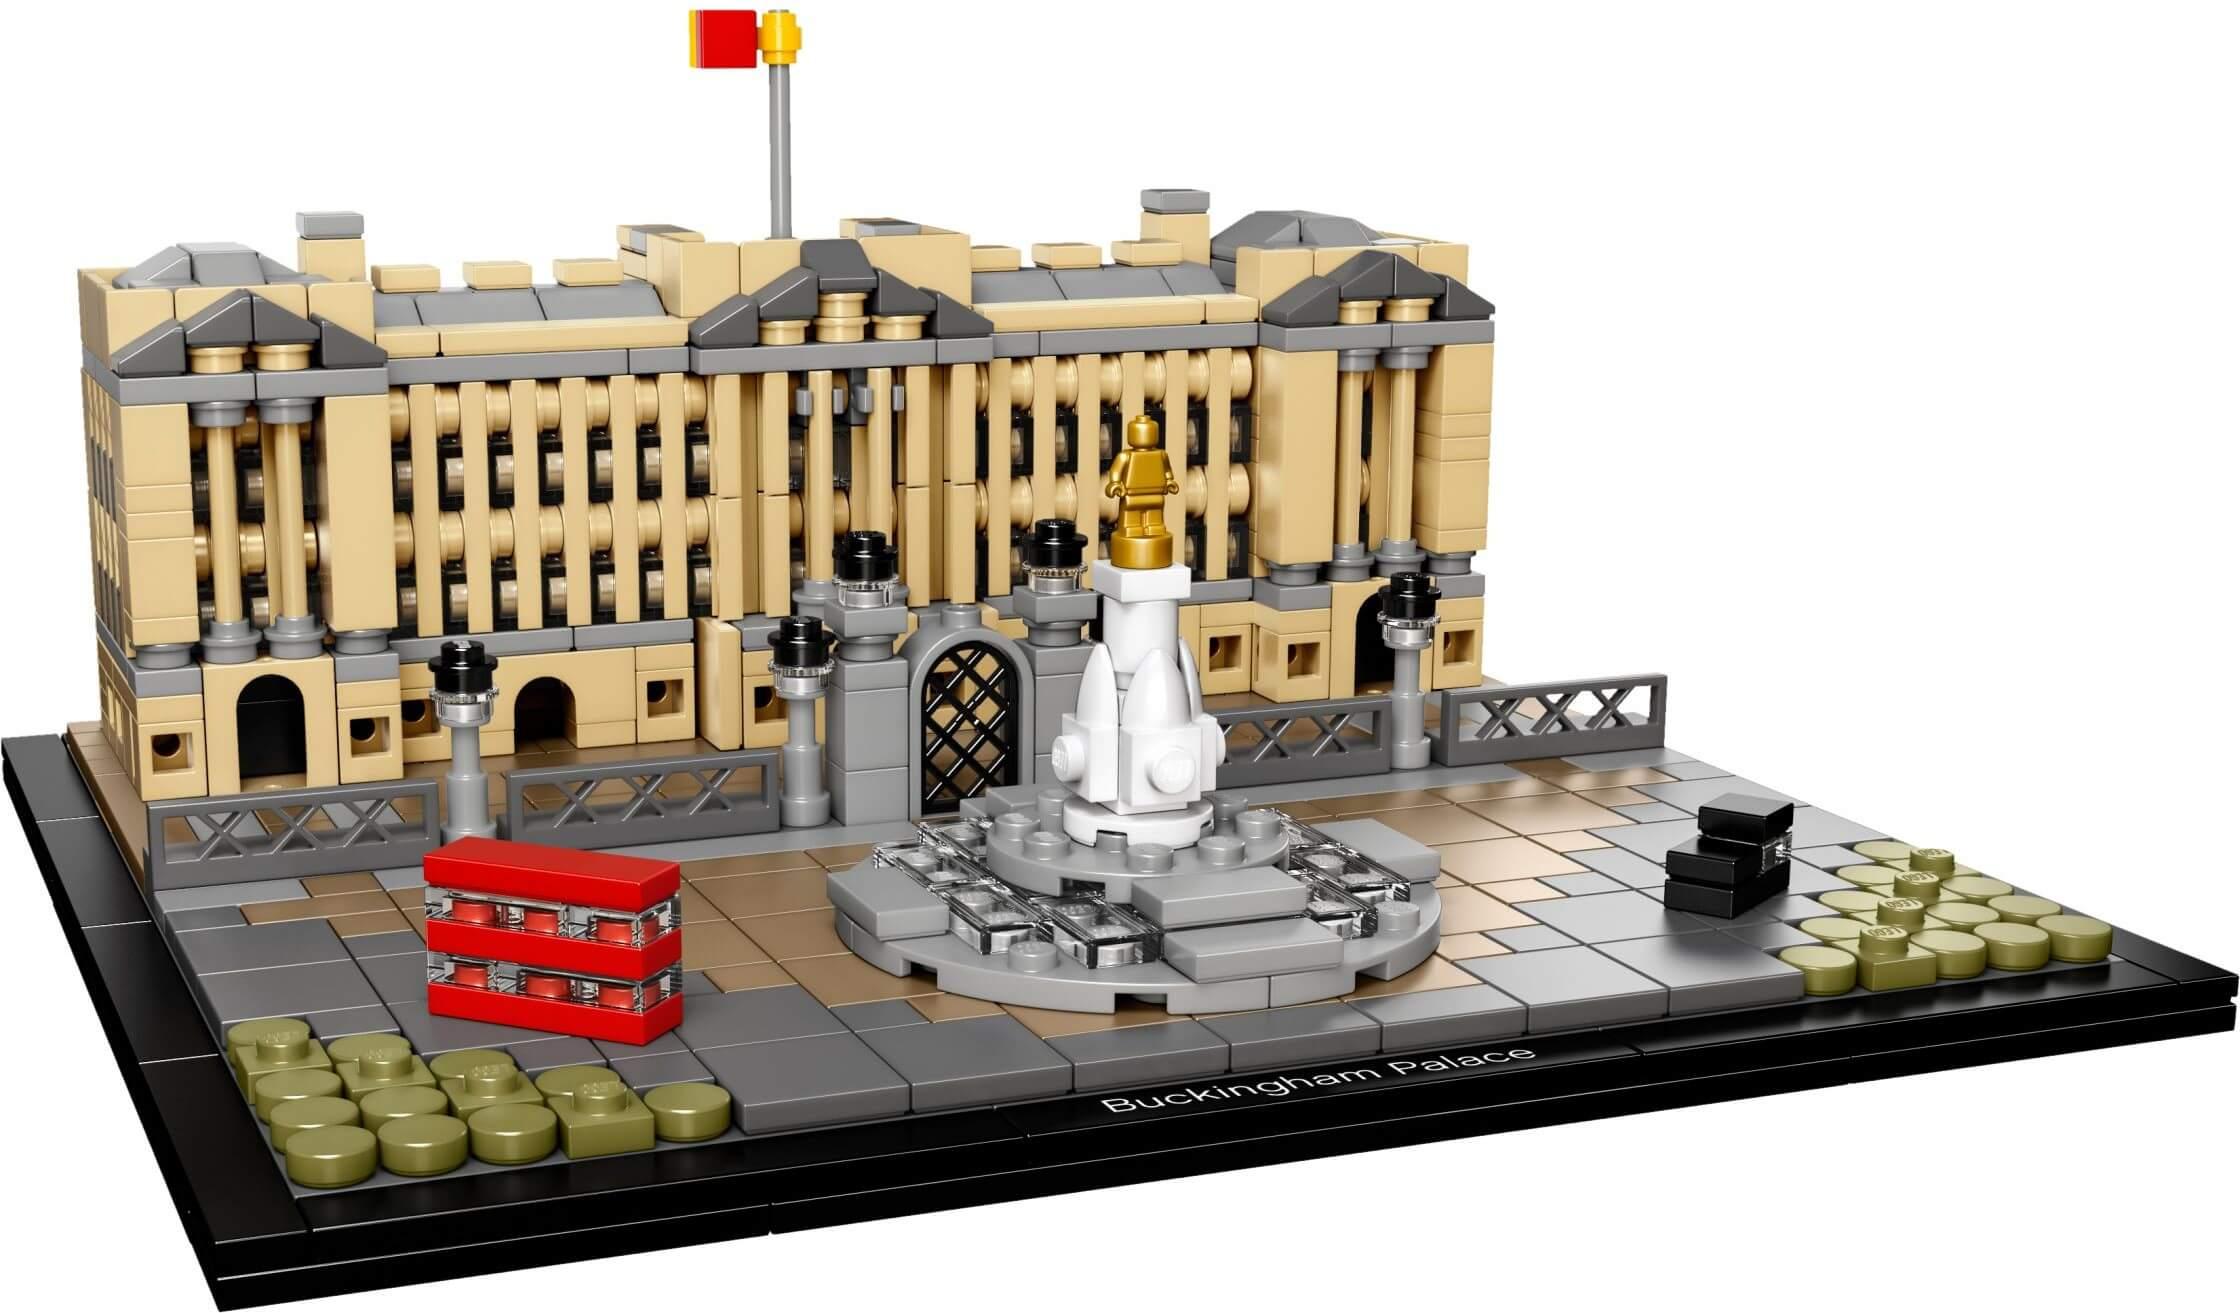 Mua đồ chơi LEGO 21029 - LEGO Architecture 21029 - Cung Điện Buckingham (LEGO Architecture Buckingham Palace 21029)